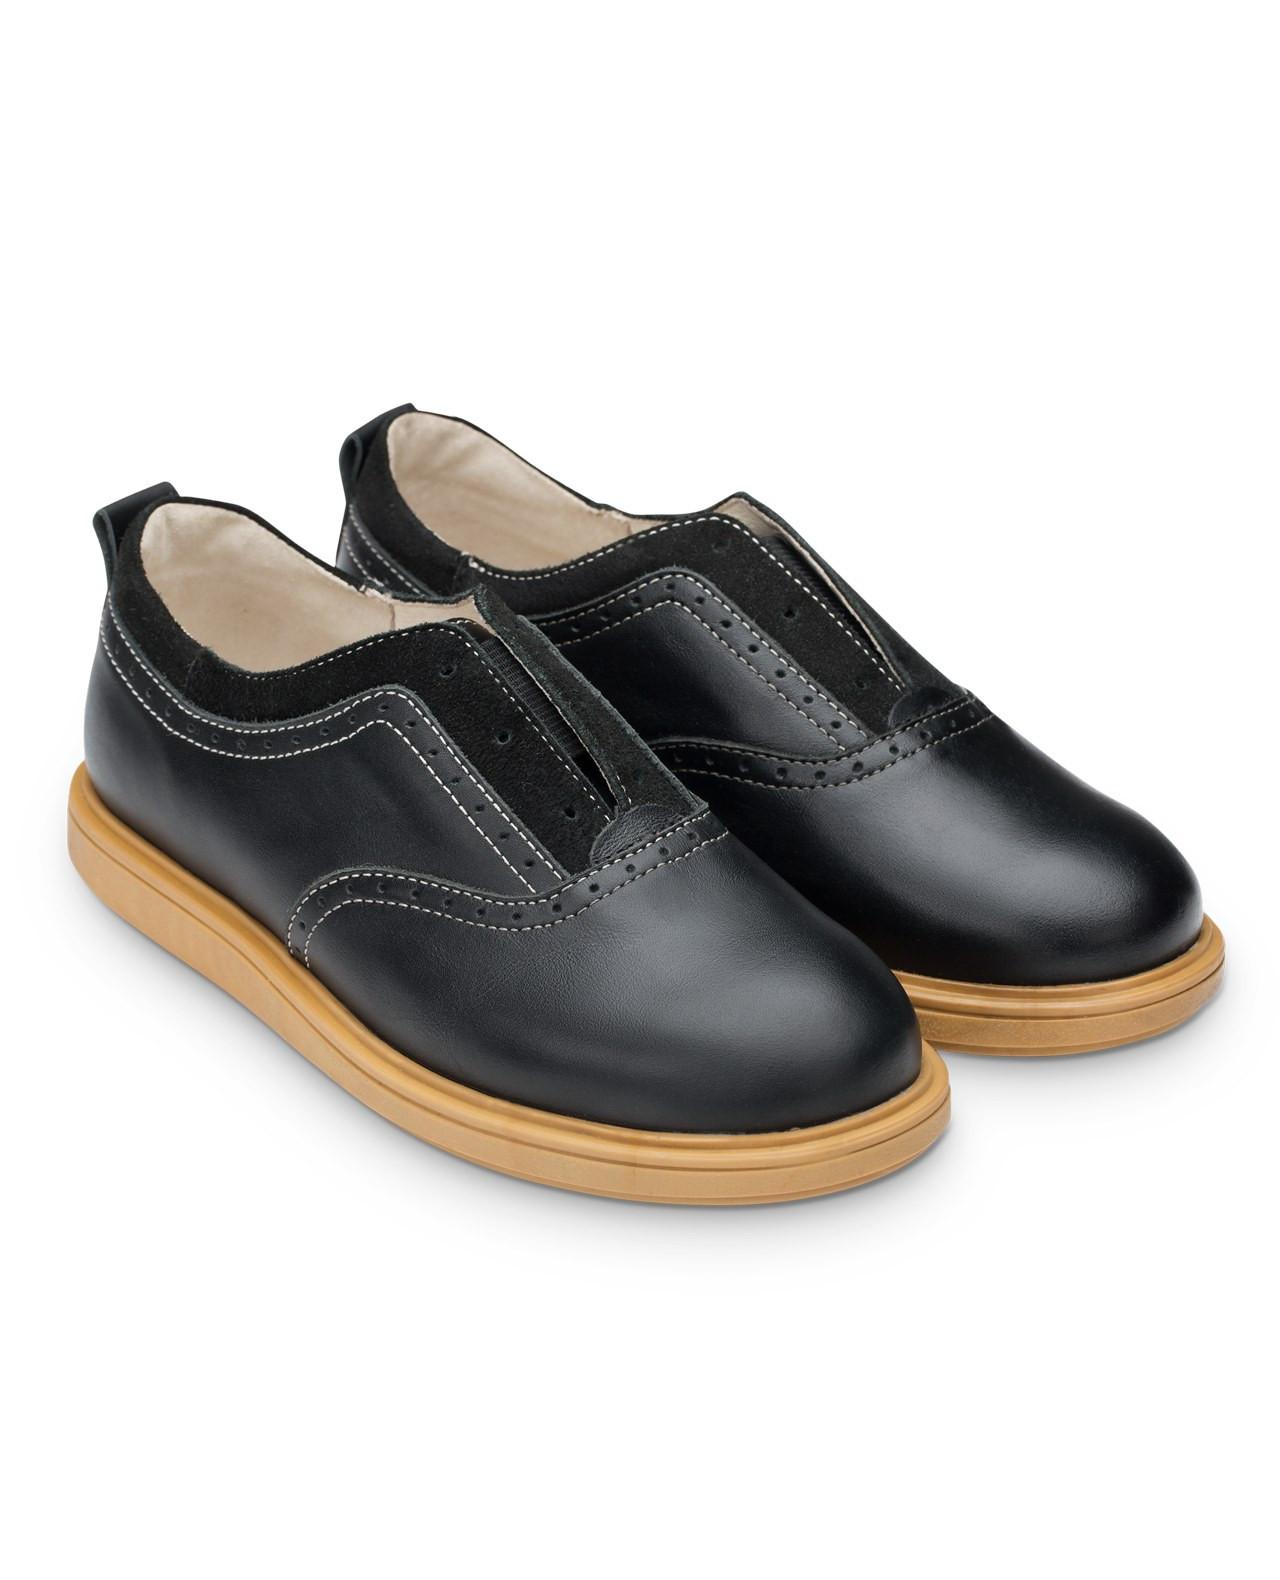 Полуботинки Детские, Tapiboo Степ (44487, 31 )Обувь для школы<br>Оригинальная модель с намеком на шнурки <br>которые забыли вставить. Многослойная, <br>анатомическая стелька со сводоподдерживающим <br>элементом для правильного формирования <br>стопы. Благодаря использованию современных <br>внутренних материалов позволяет оптимально <br>распределить нагрузку по всей площади стопы <br>и свести к минимуму ее ударную составляющую. <br>Жесткий фиксирующий задник надежно стабилизирует <br>голеностопный сустав во время ходьбы. Упругая, <br>умеренно-эластичная подошва, имеющая перекат <br>позволяющий повторить естественное движение <br>стопы при ходьбе для правильного распределения <br>нагрузки на опорно-двигательный аппарат <br>ребенка. Подкладка из натуральной кожи <br>обладает мягкостью и природной способностью <br>пропускать воздух для создания оптимального <br>температурного режима (нога не потеет).<br>Размер INT: M; Цвет: Красный; Ширина: 100; Высота: 200; Вес: 1000;